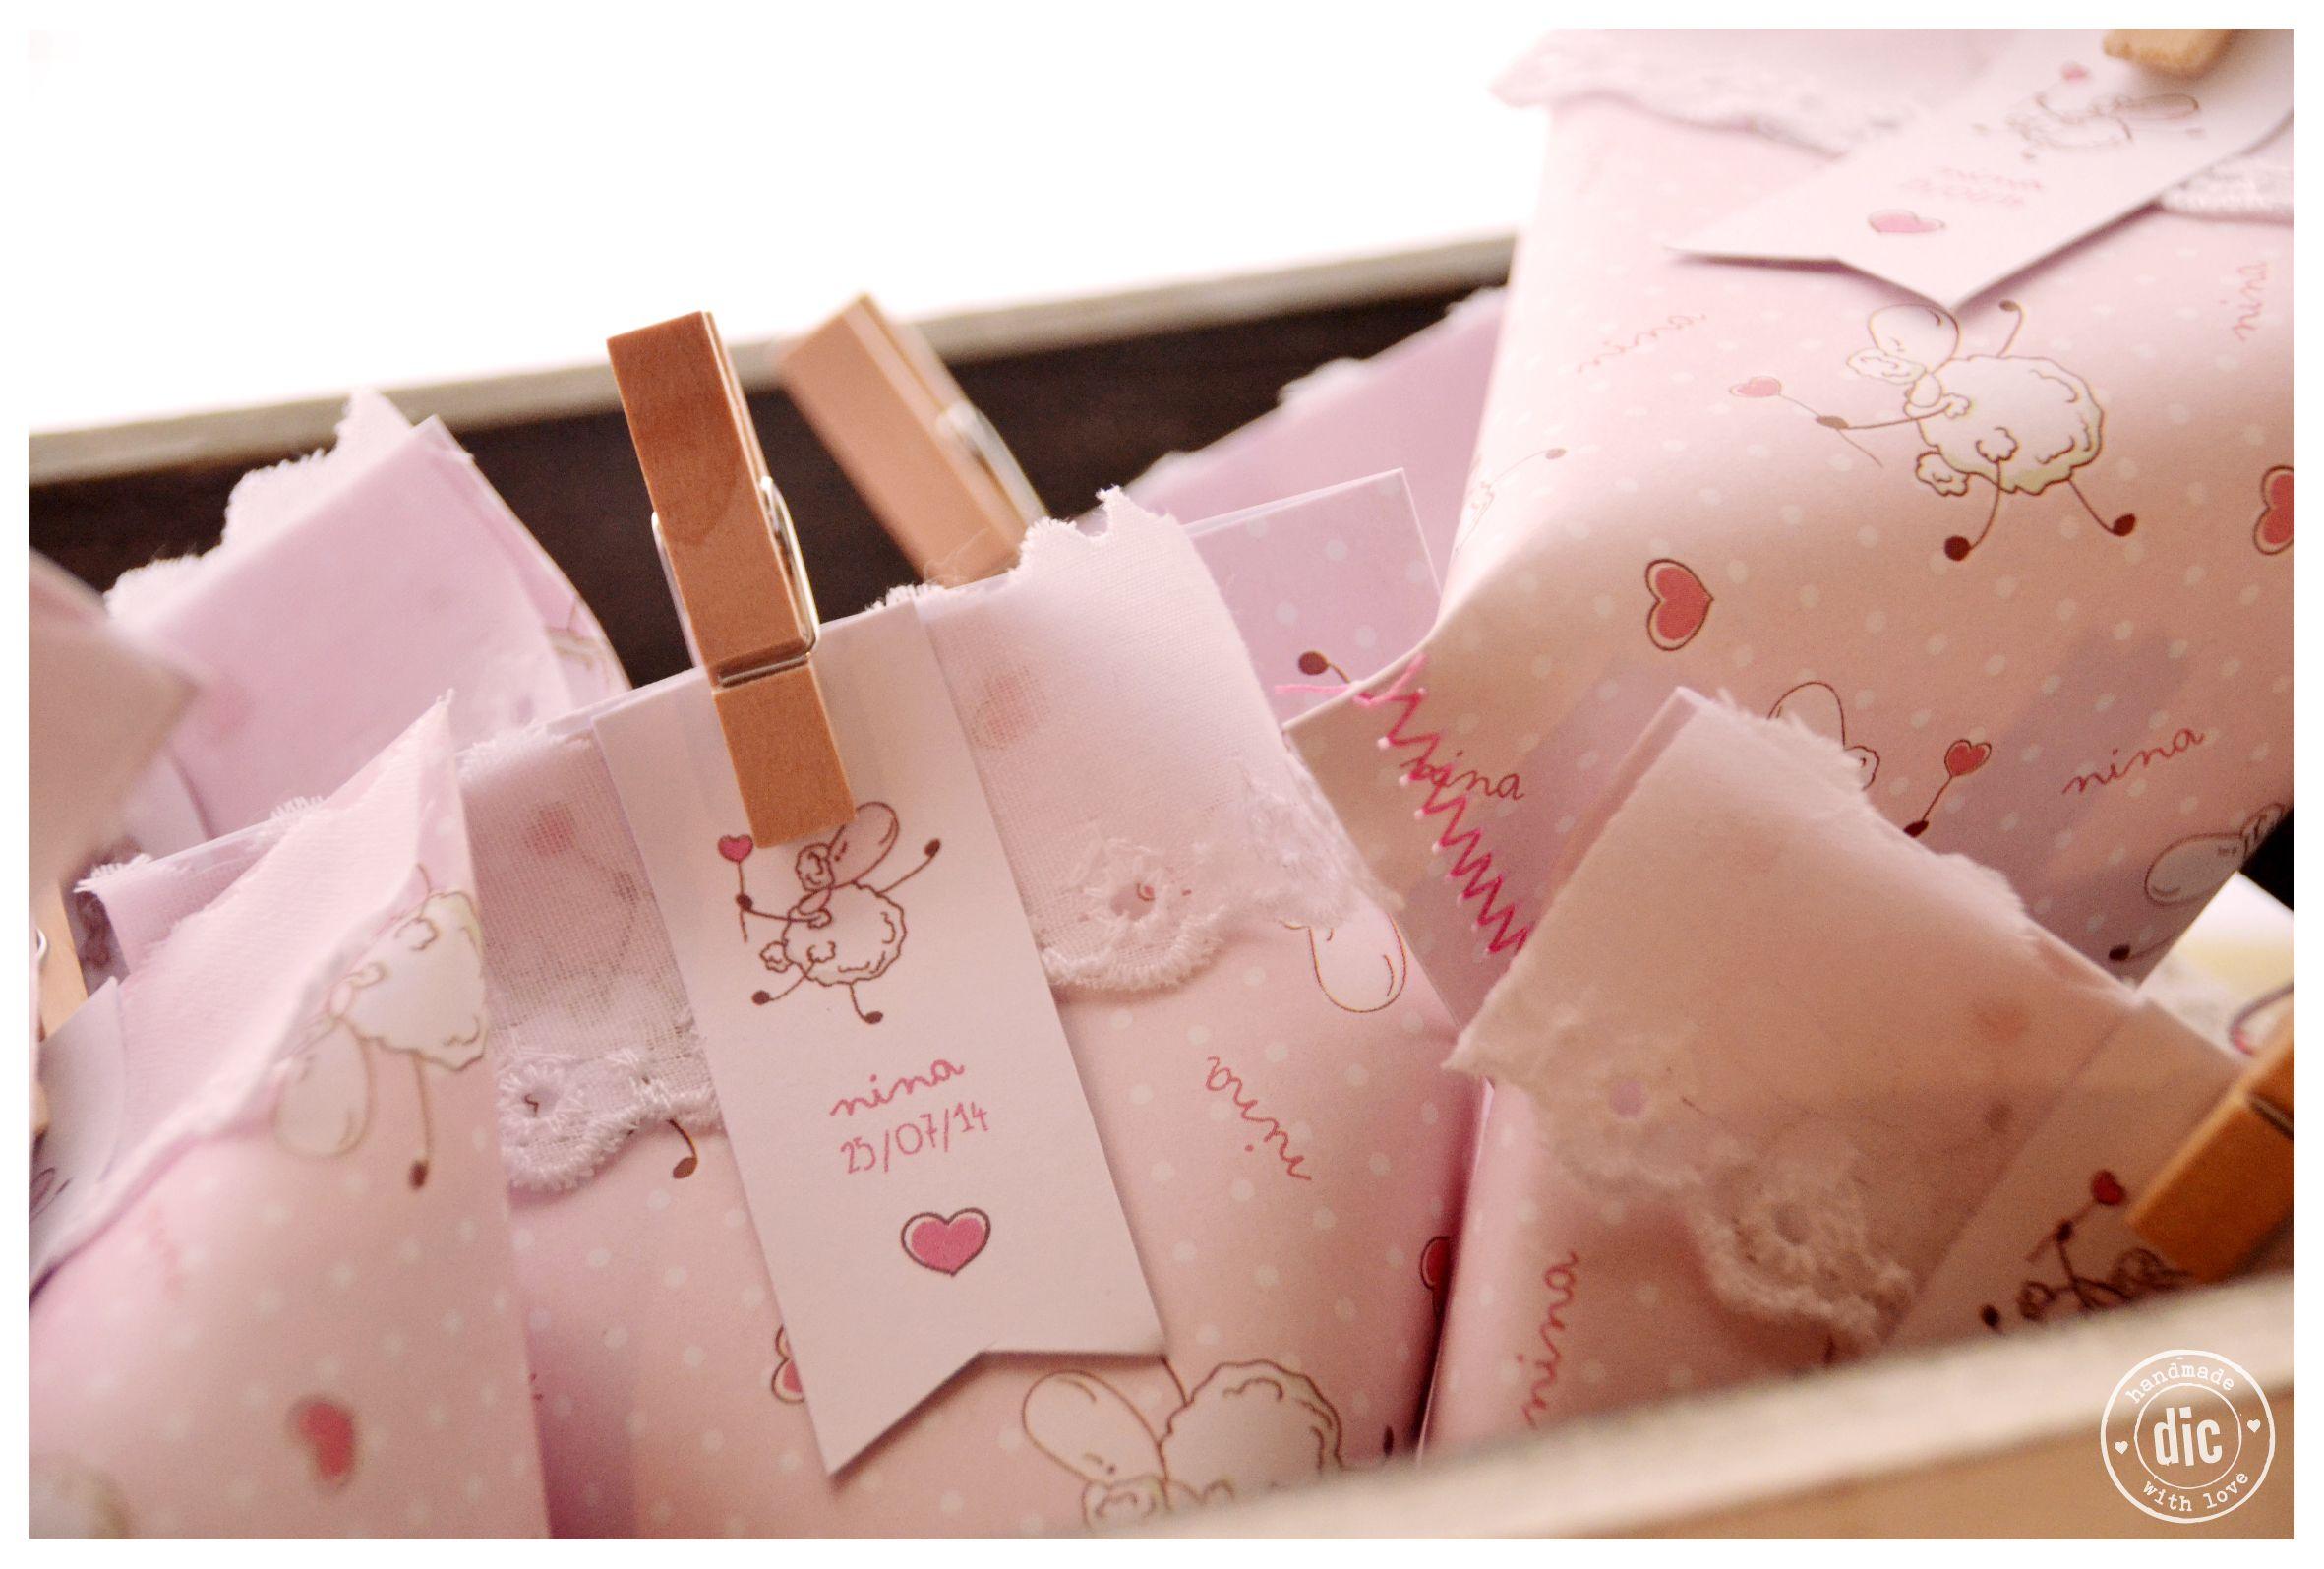 >>Souvenirs de nacimiento. Sobres de papel cosidos + golosinas personalizadas. #baby #girl #born